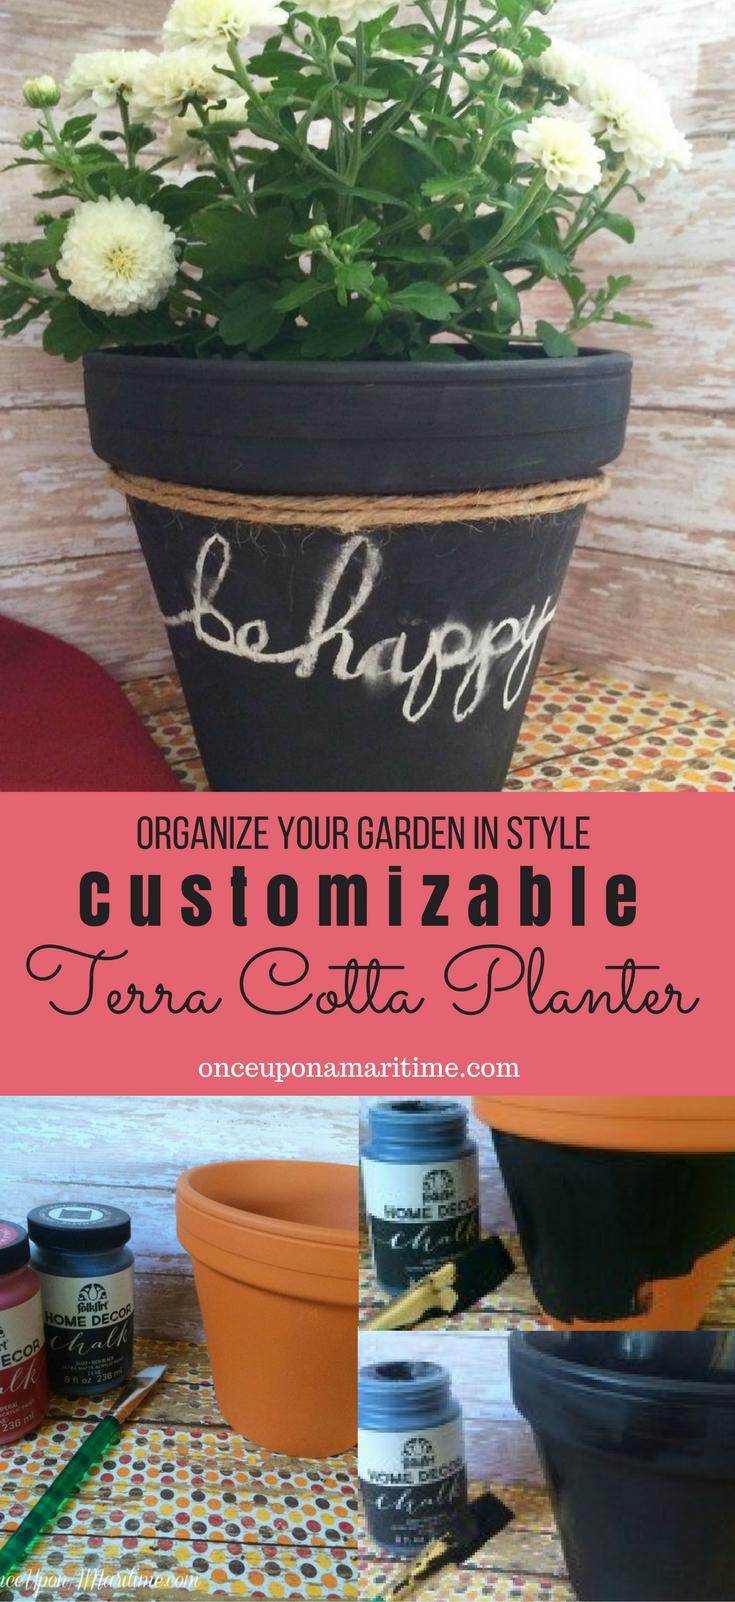 DIY: Customizable Terra Cotta Planter - Organize Your Garden In Style